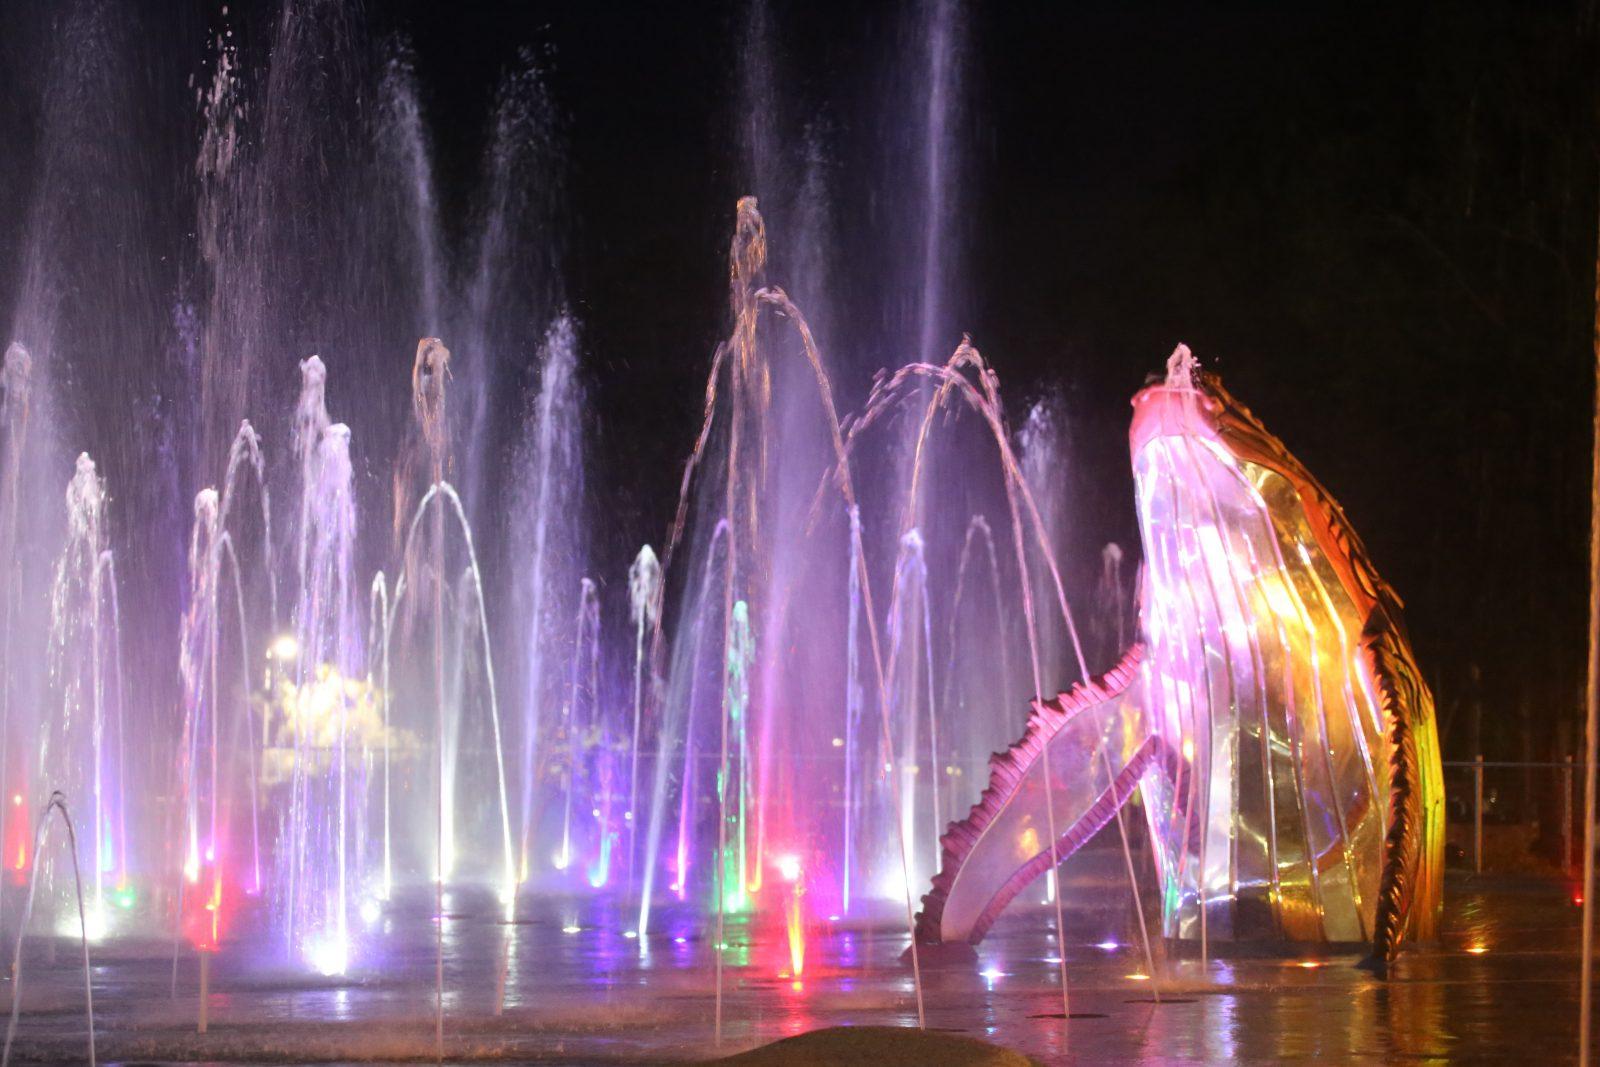 WetSide Light Show Spectacular